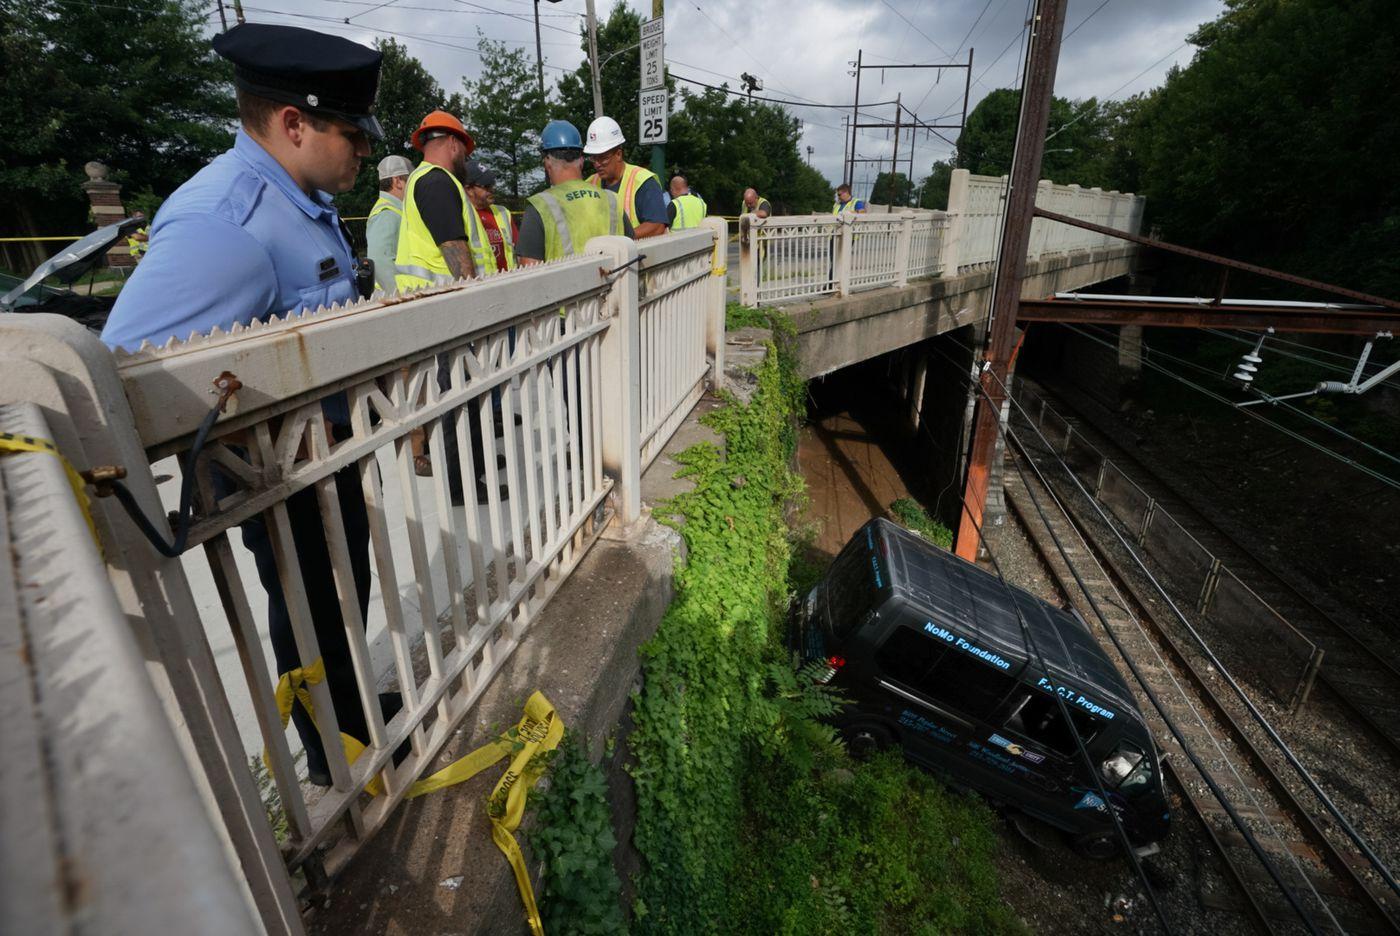 Van lands on SEPTA rail line after crash in S.W. Philadelphia